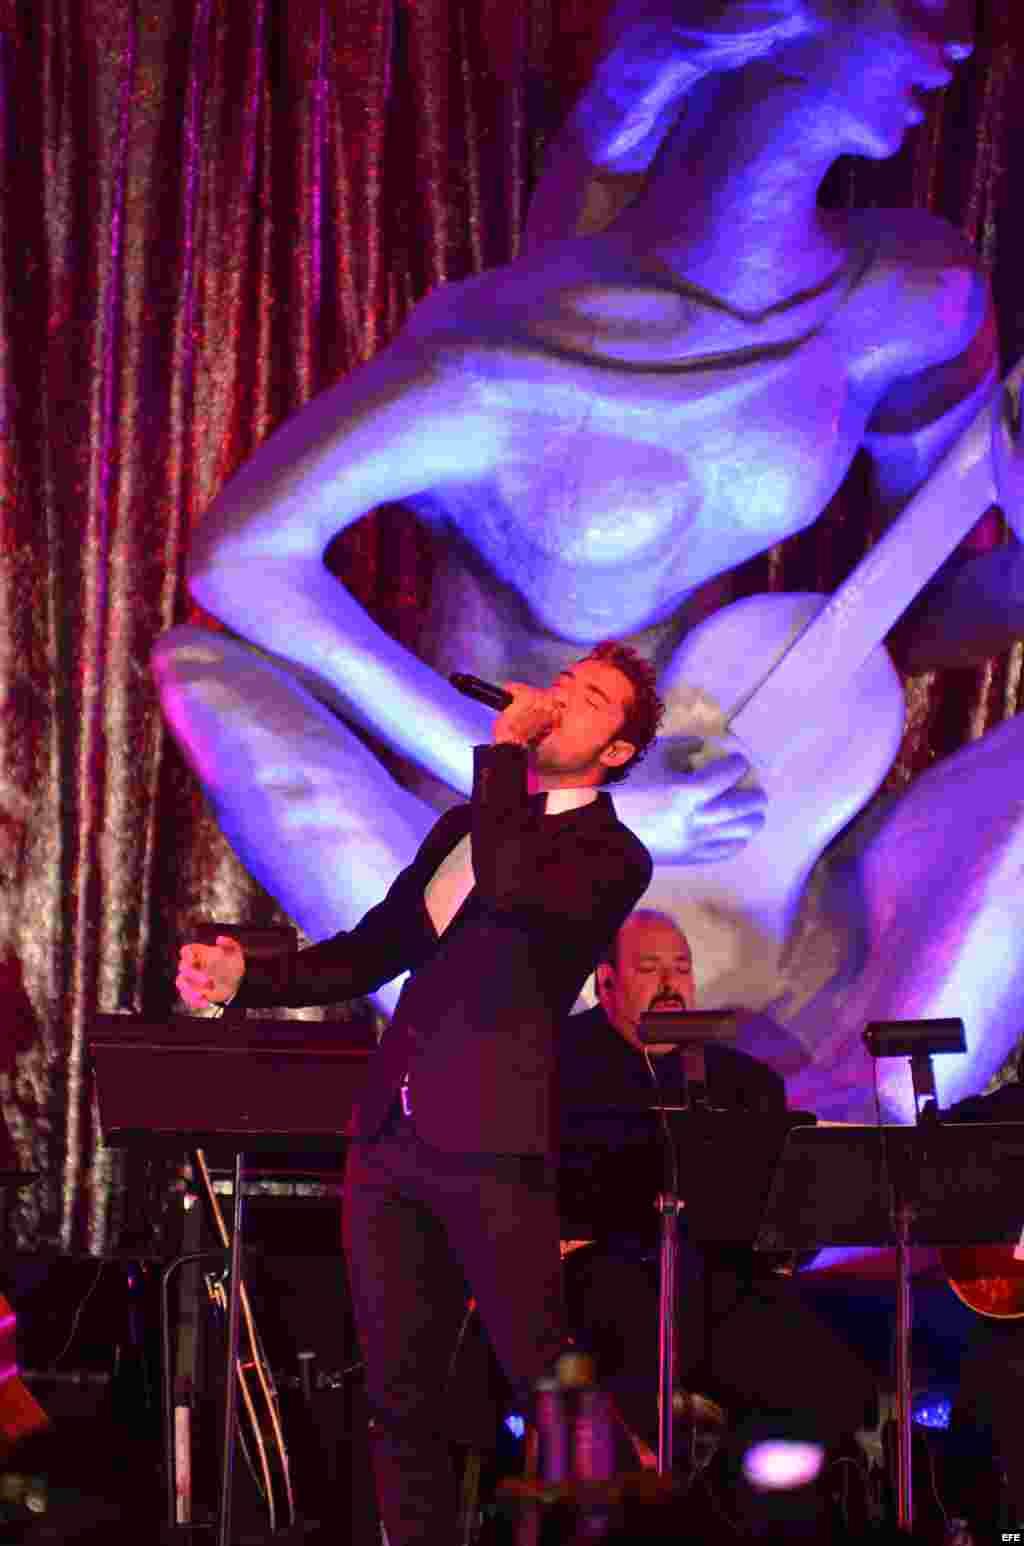 El cantante español David Bisbal se presenta en la ceremonia de los premios La Musa